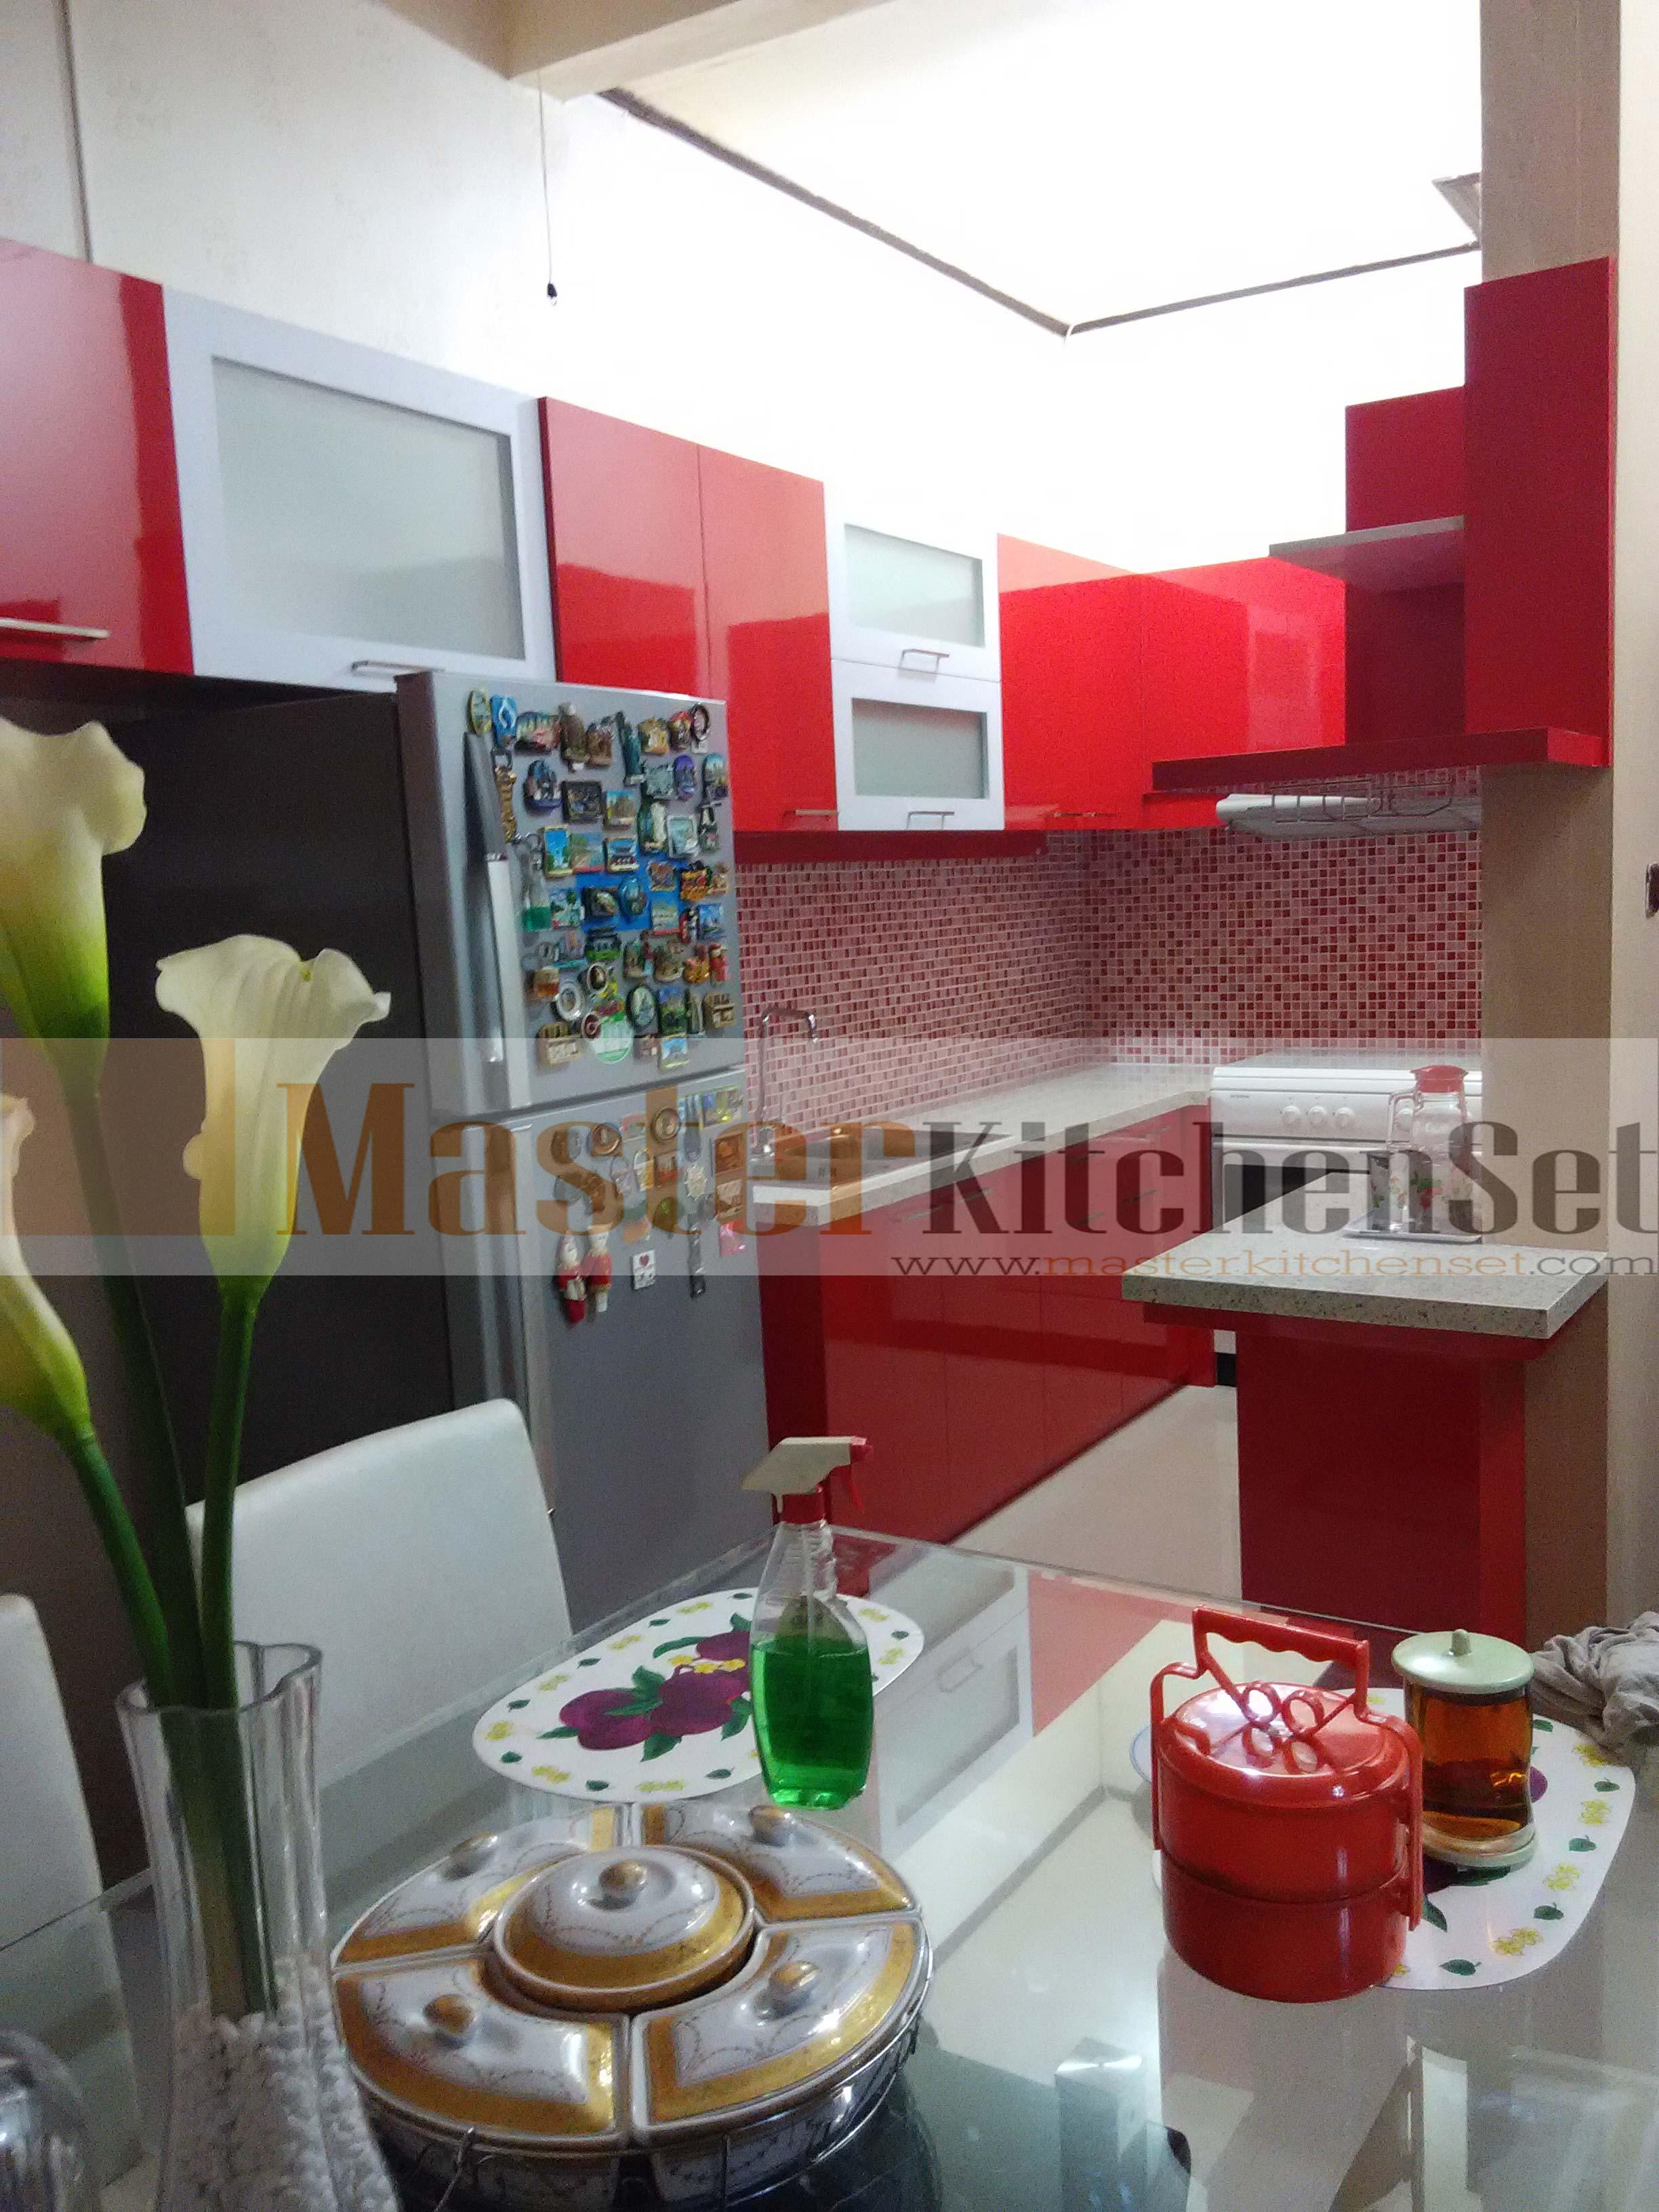 Kitchenset solo the interior specialist kitchen set for Buat kitchen set sendiri